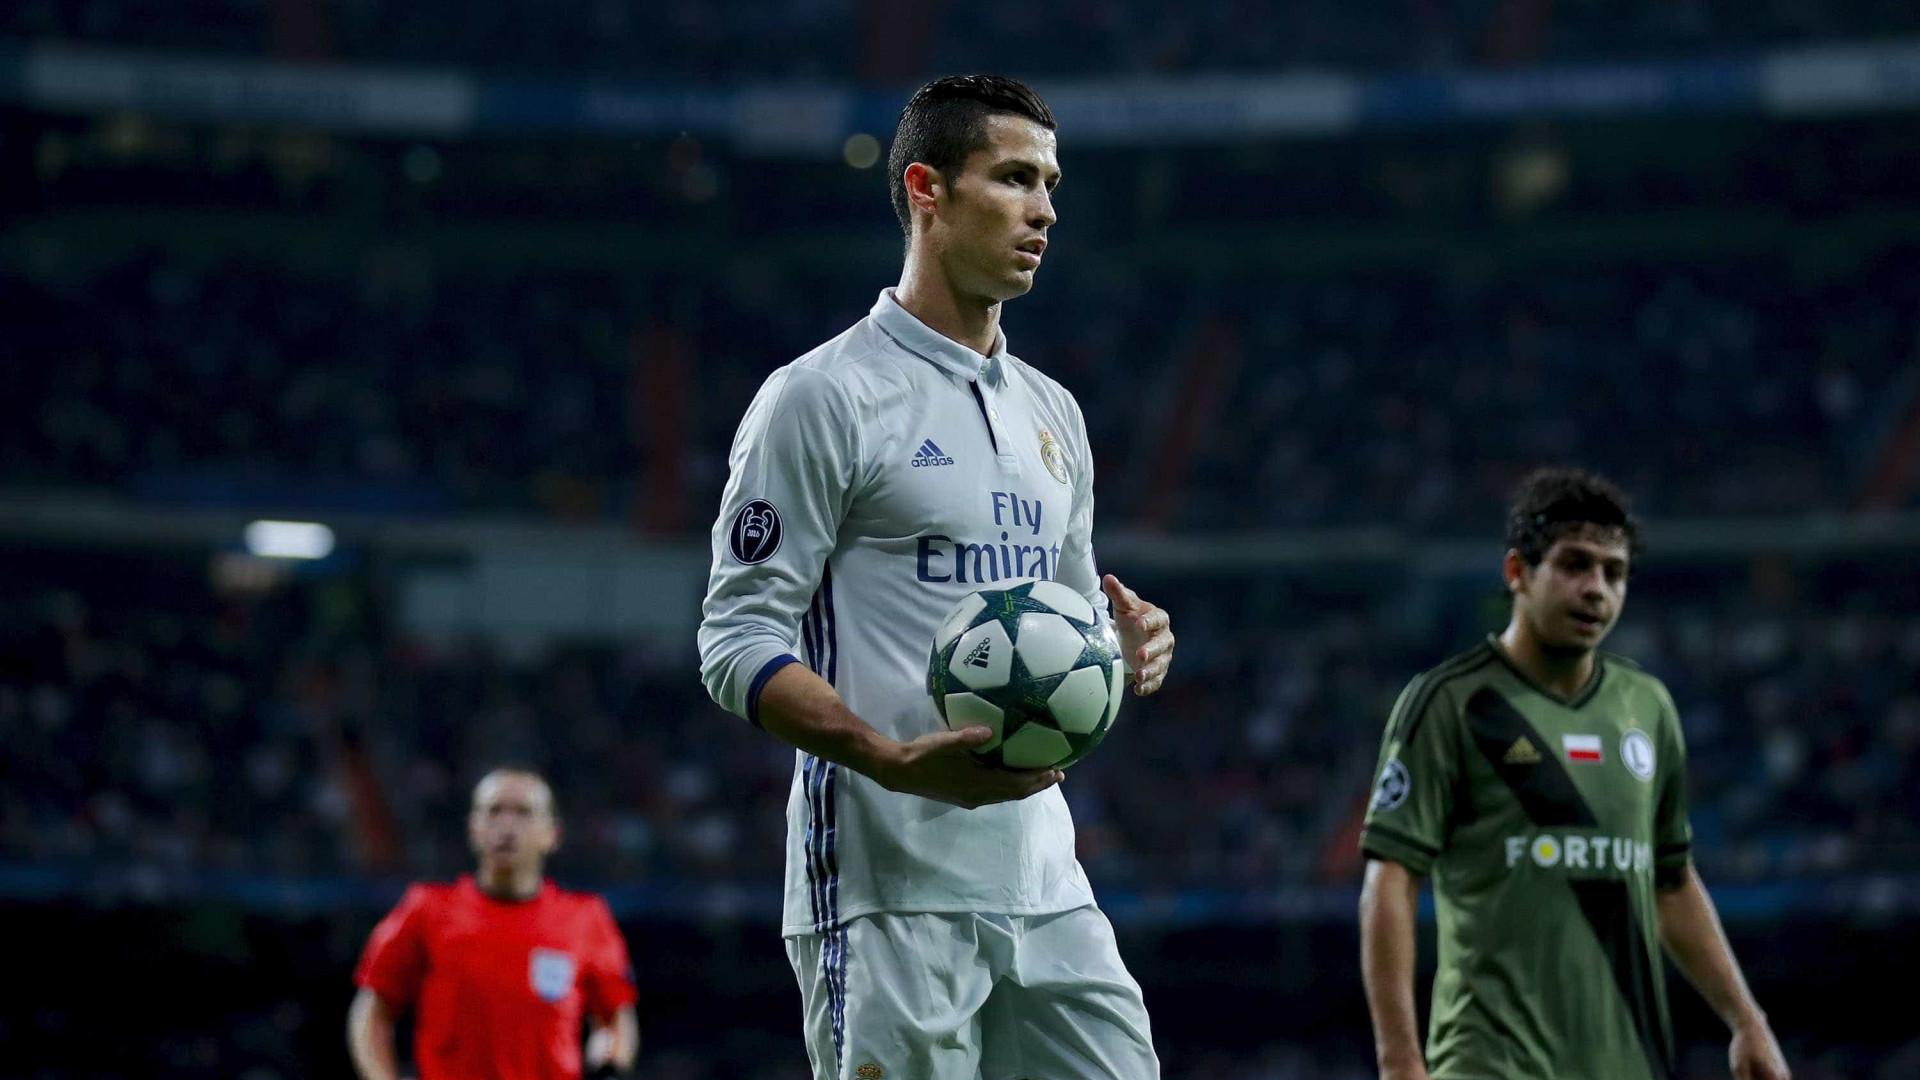 Ronaldo no Bayern? Clube reage com um... pato